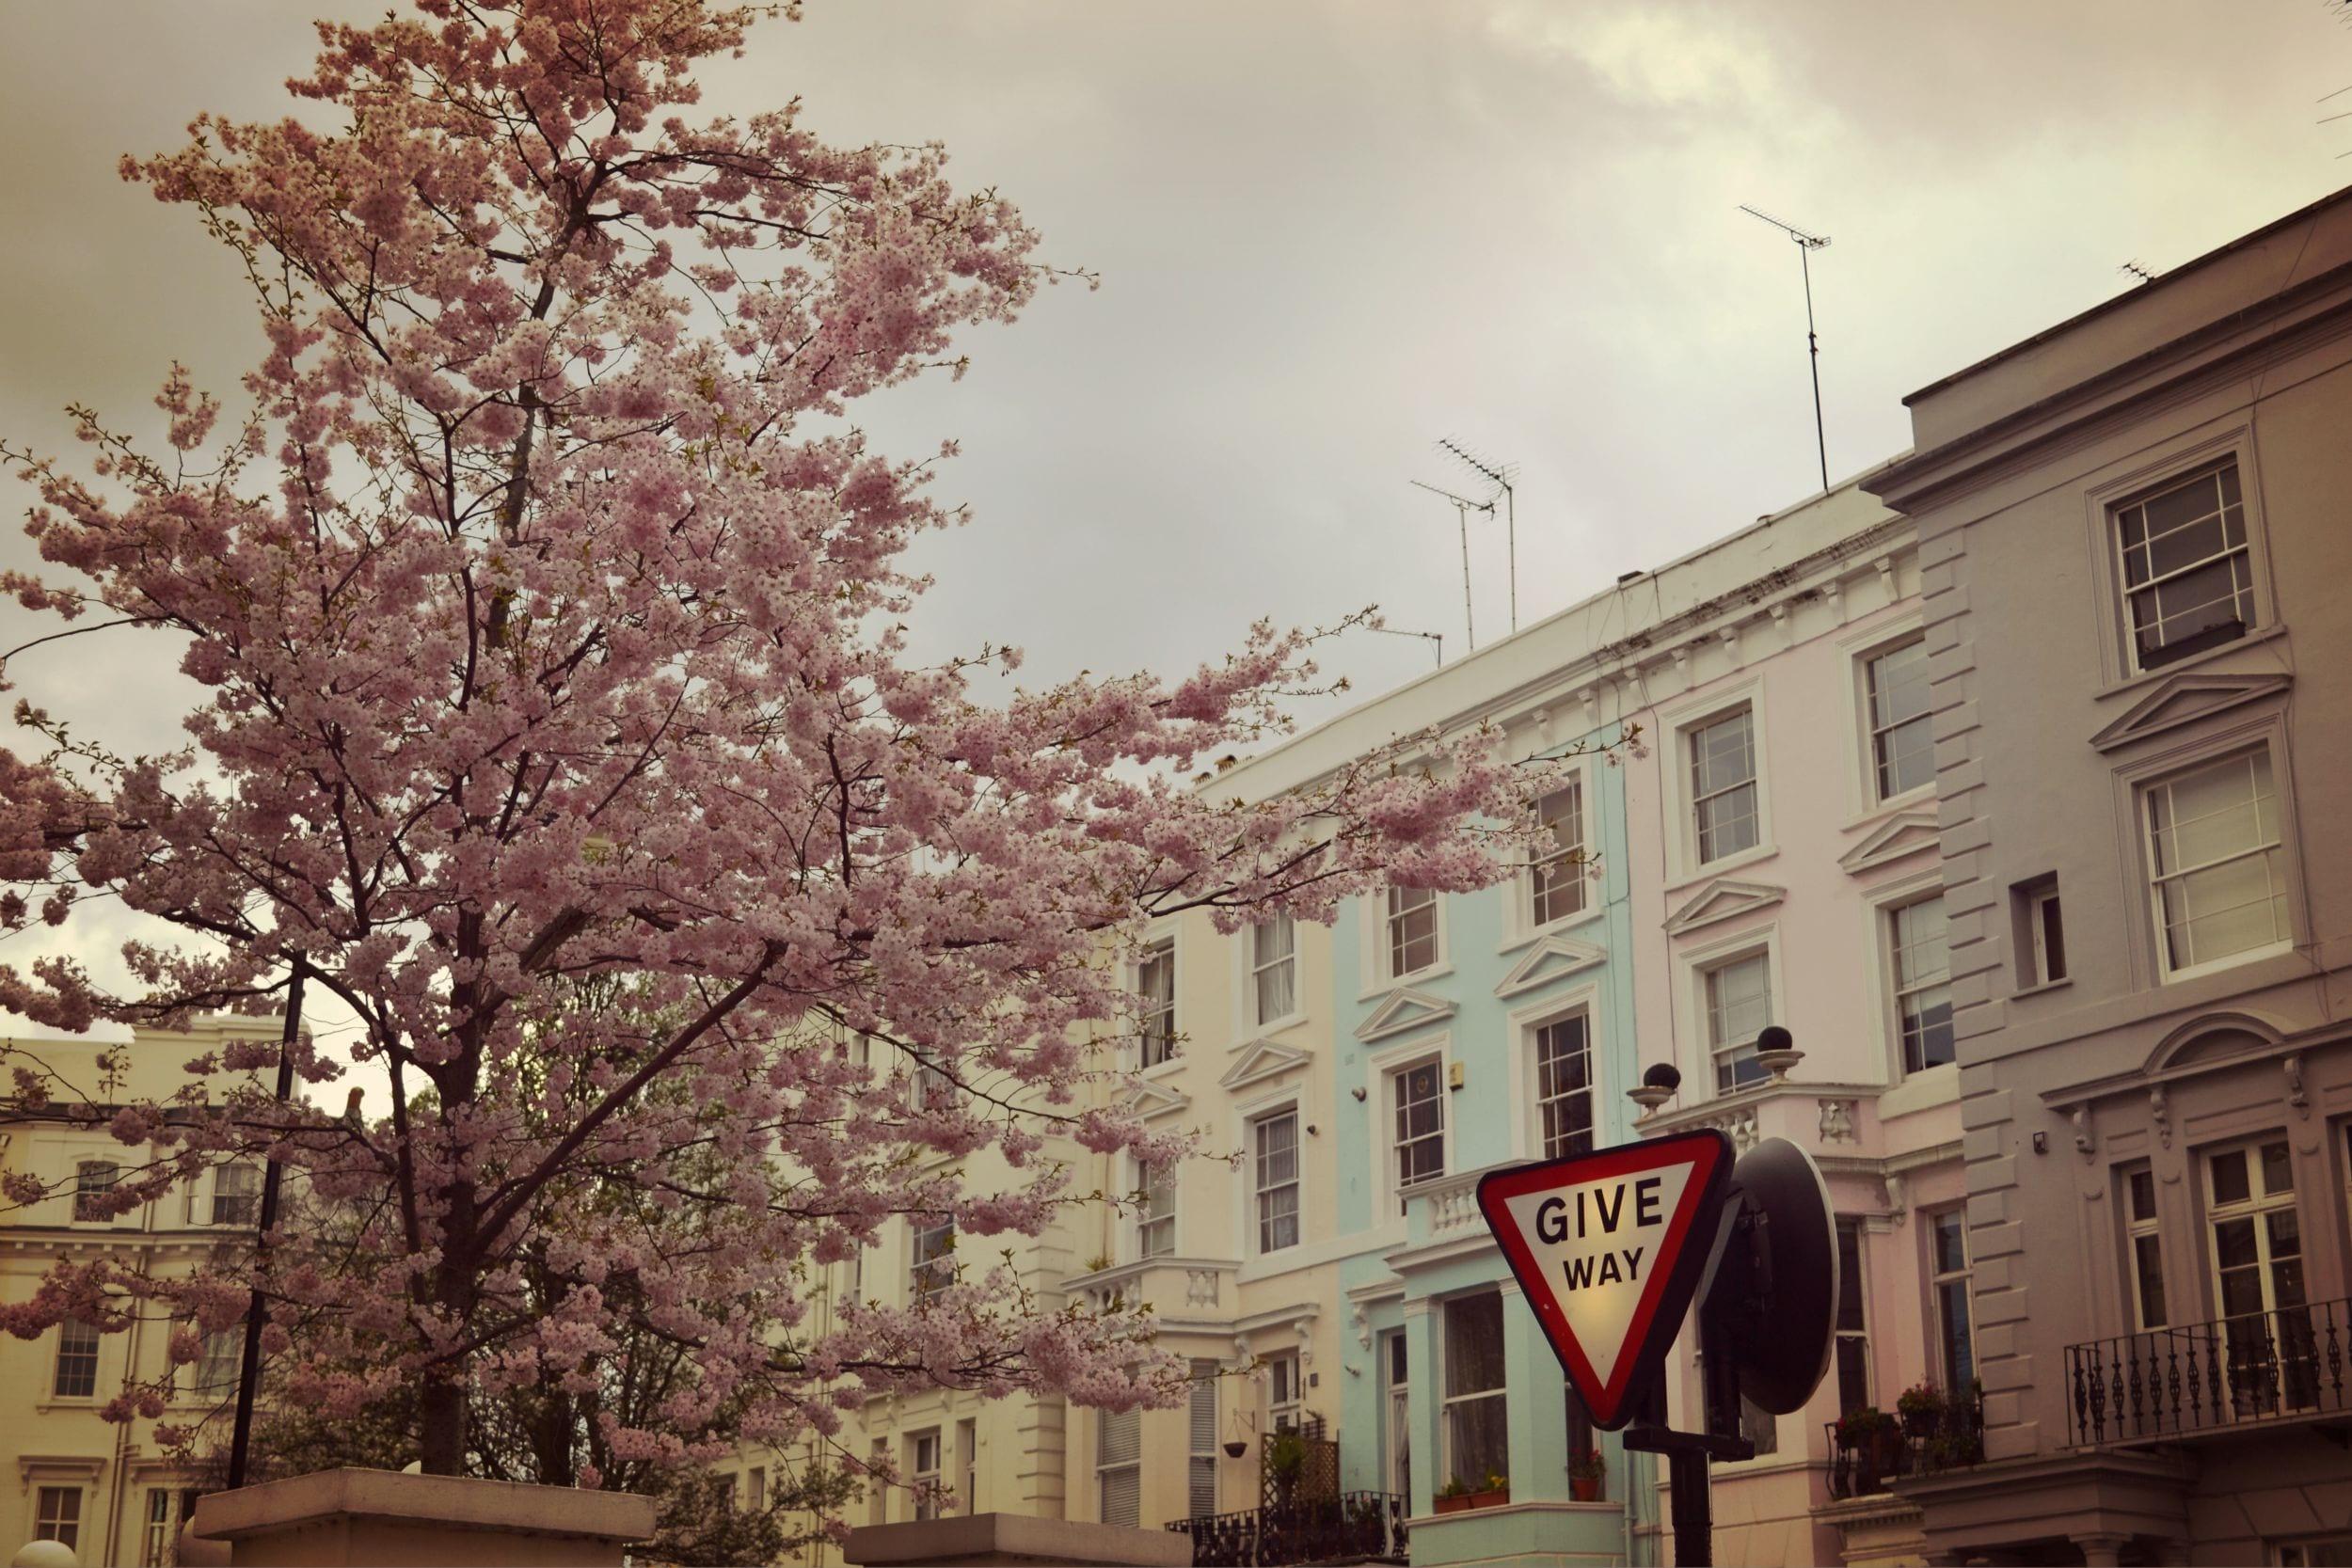 Die Portobello Road ist bekannt für die bunten Häuser und die Kirschblüte im Frühjahr.